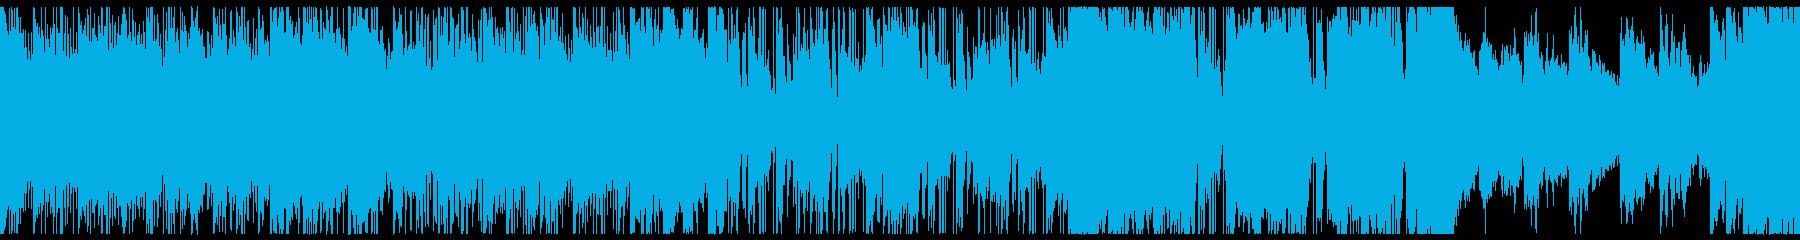 レトロなテクノ・Synthwaveループの再生済みの波形